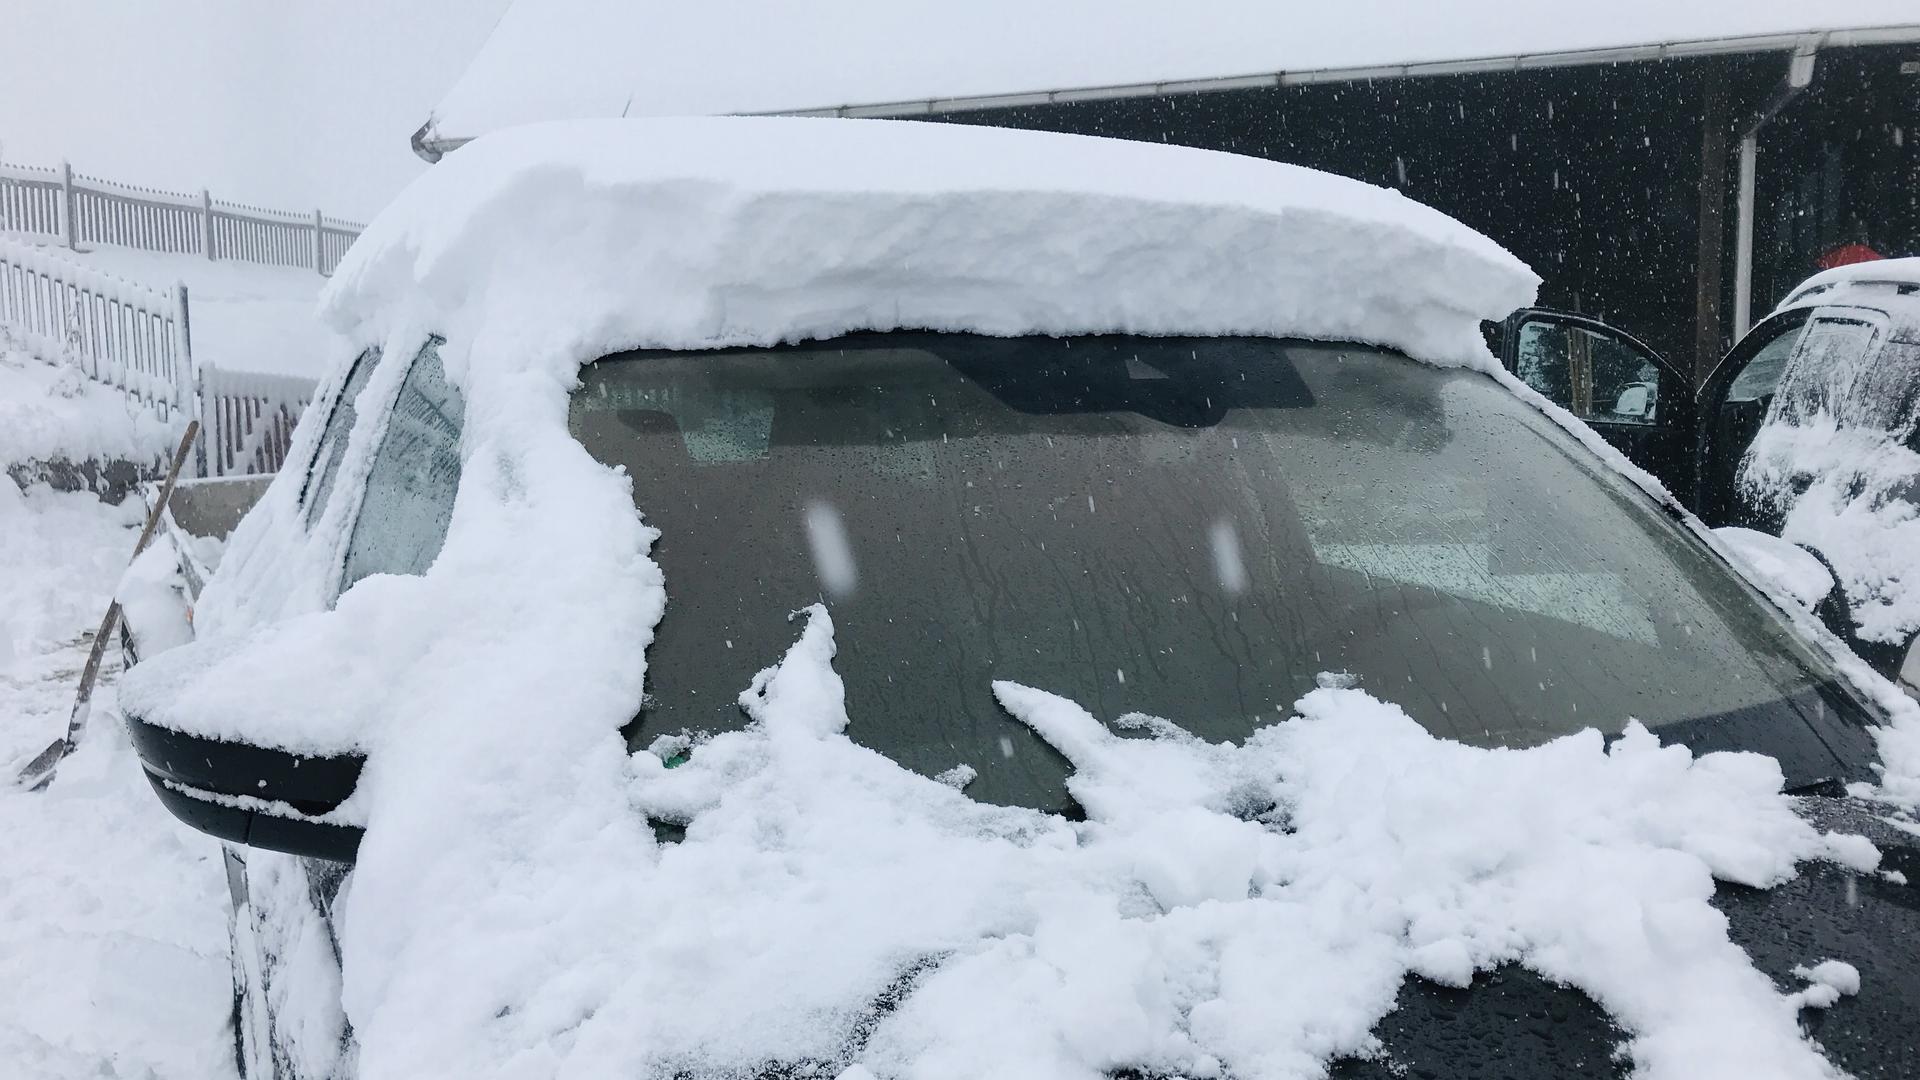 Die Frontscheibe eines Autos in Gernsbach-Kaltenbronn ist vom Schnee befreit. Auf dem Wagendach liegt der Schnee dagegen noch gut über zehn Zentimeter hoch.